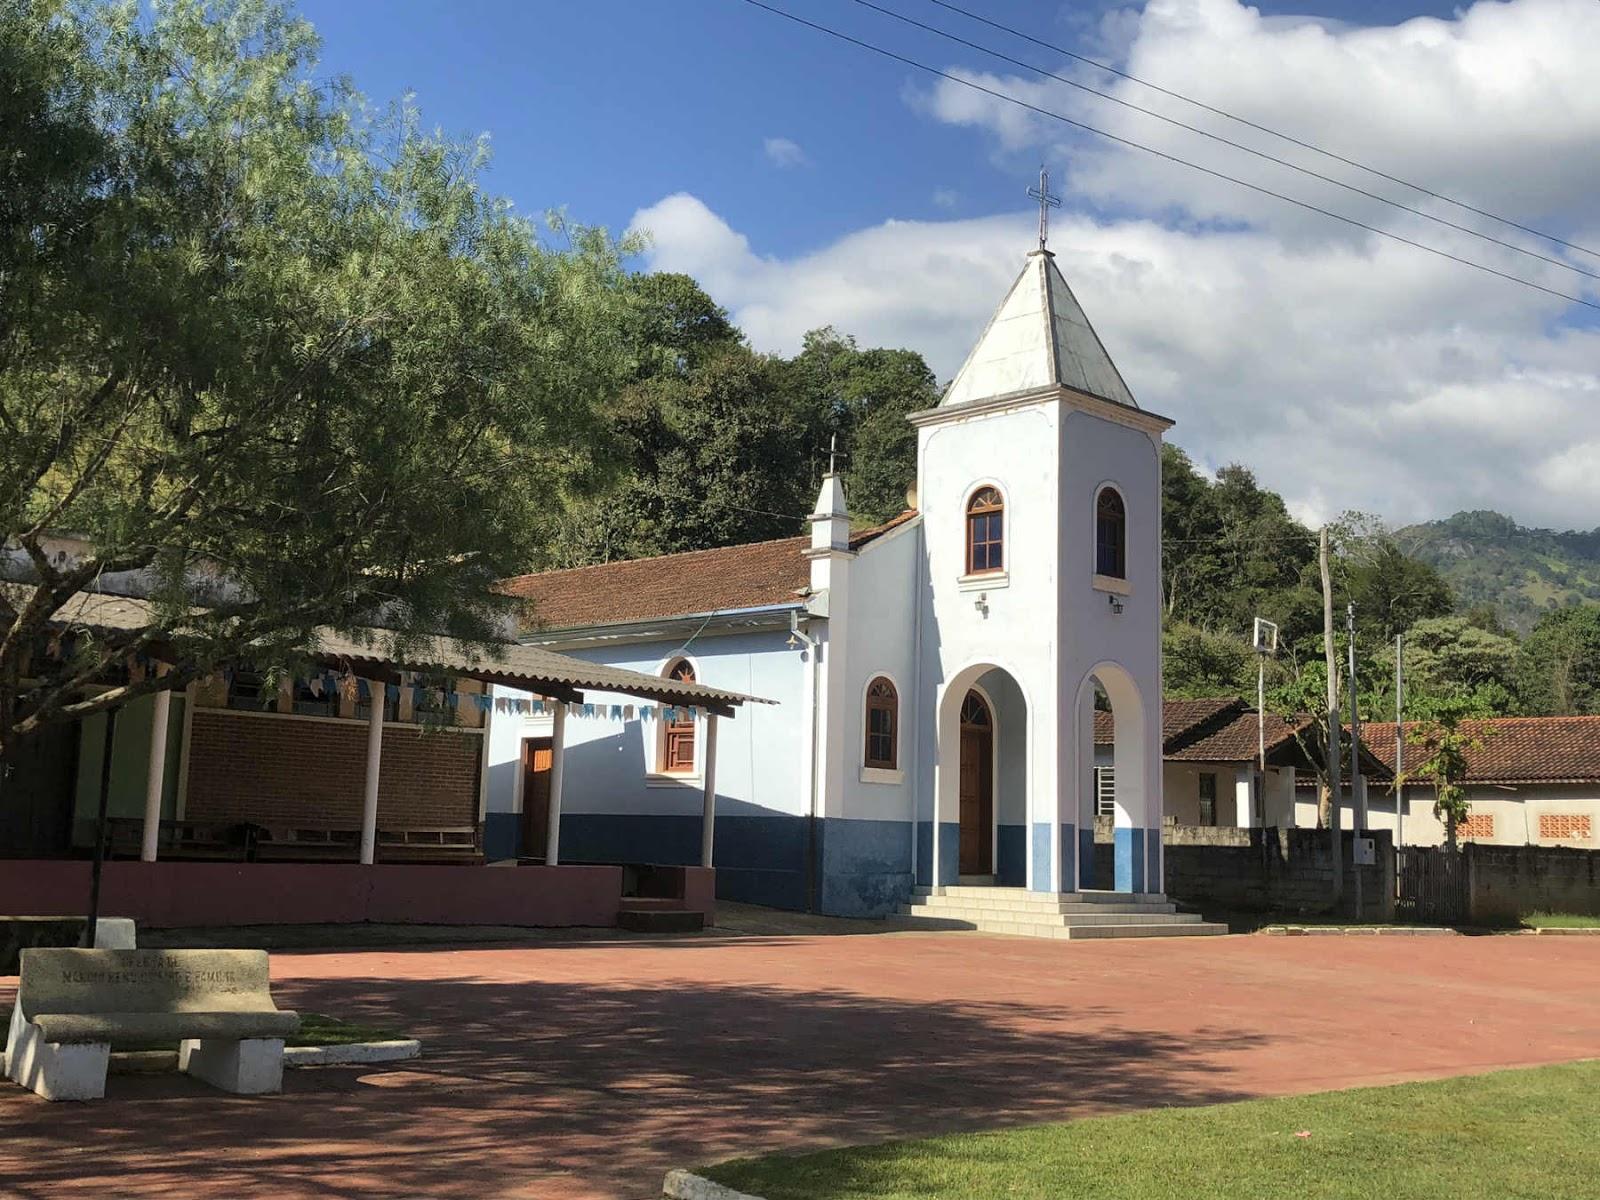 Igreja ponto de referência para Pedra do Cruzeiro-Gonçalves-MG